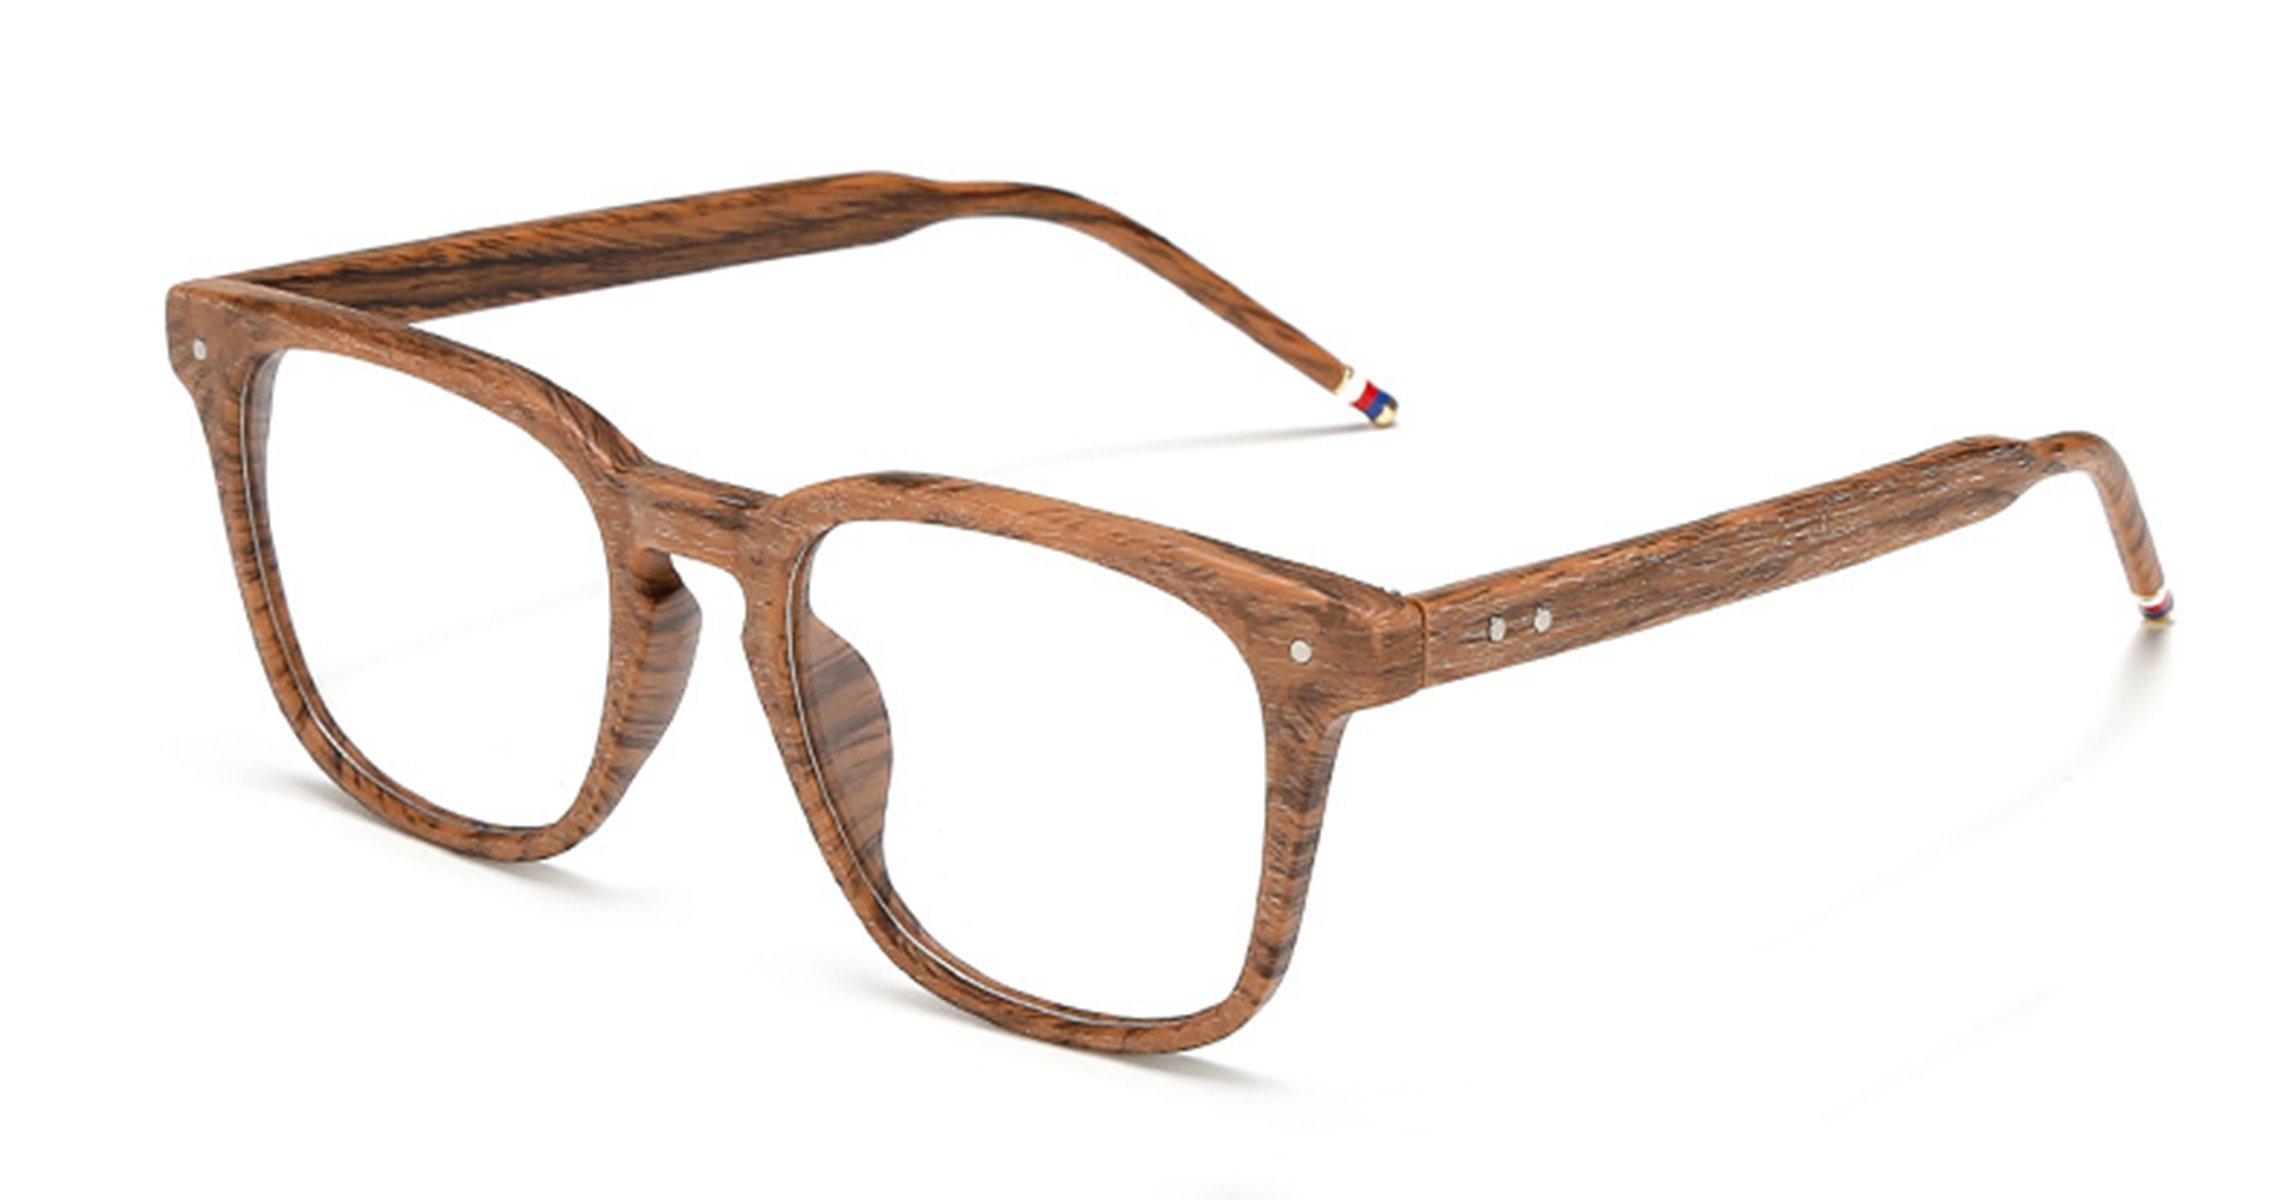 J&L Glasses Vintage Classic Full Frame Wood Grain Unisex Glasses Frame (Wooden, Clear)